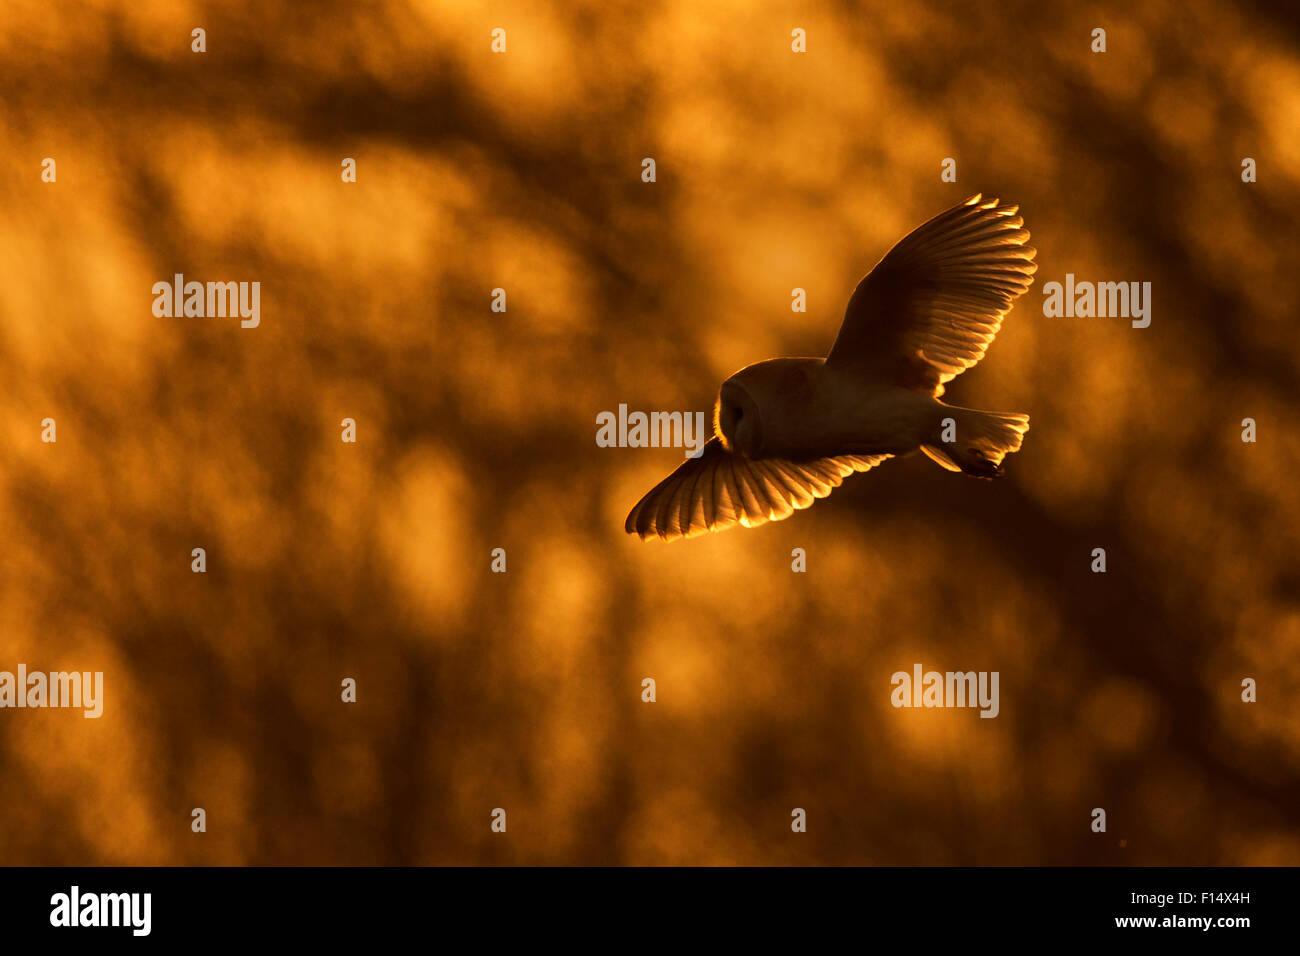 Il barbagianni (Tyto alba) in volo al tramonto, UK, Marzo. Immagini Stock